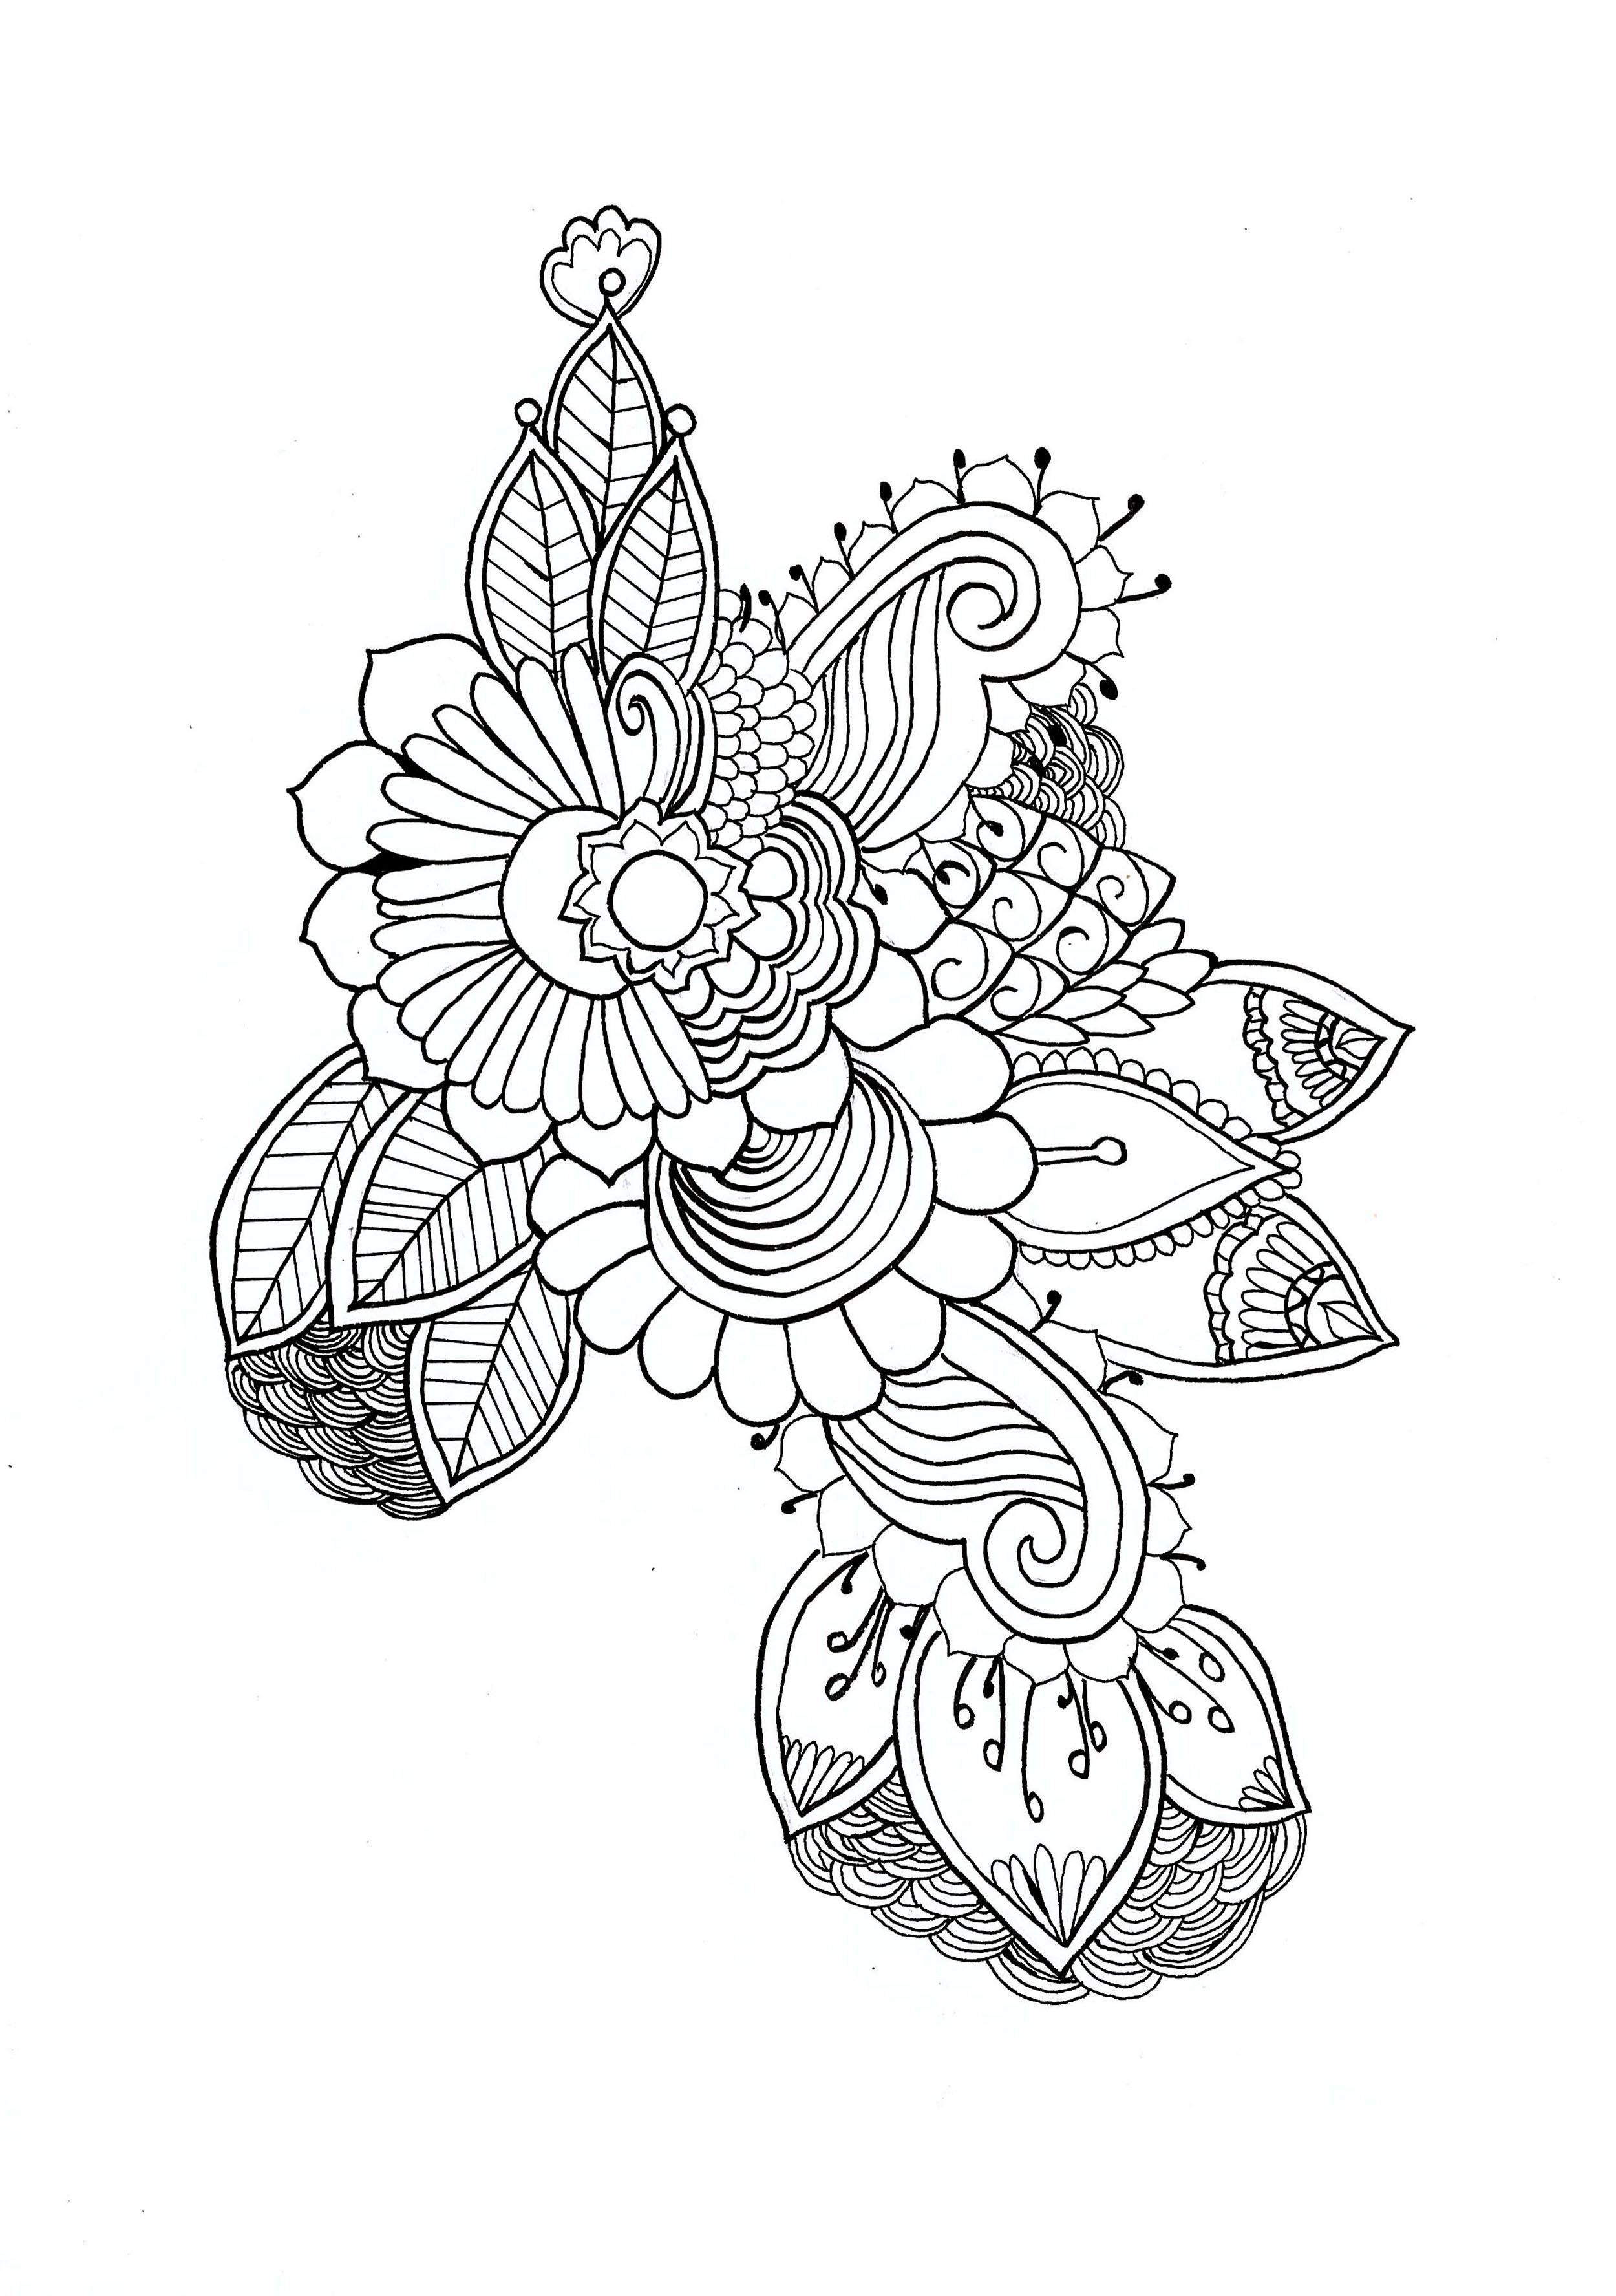 Mandalas 87136 - Mandalas - Colorear para Adultos